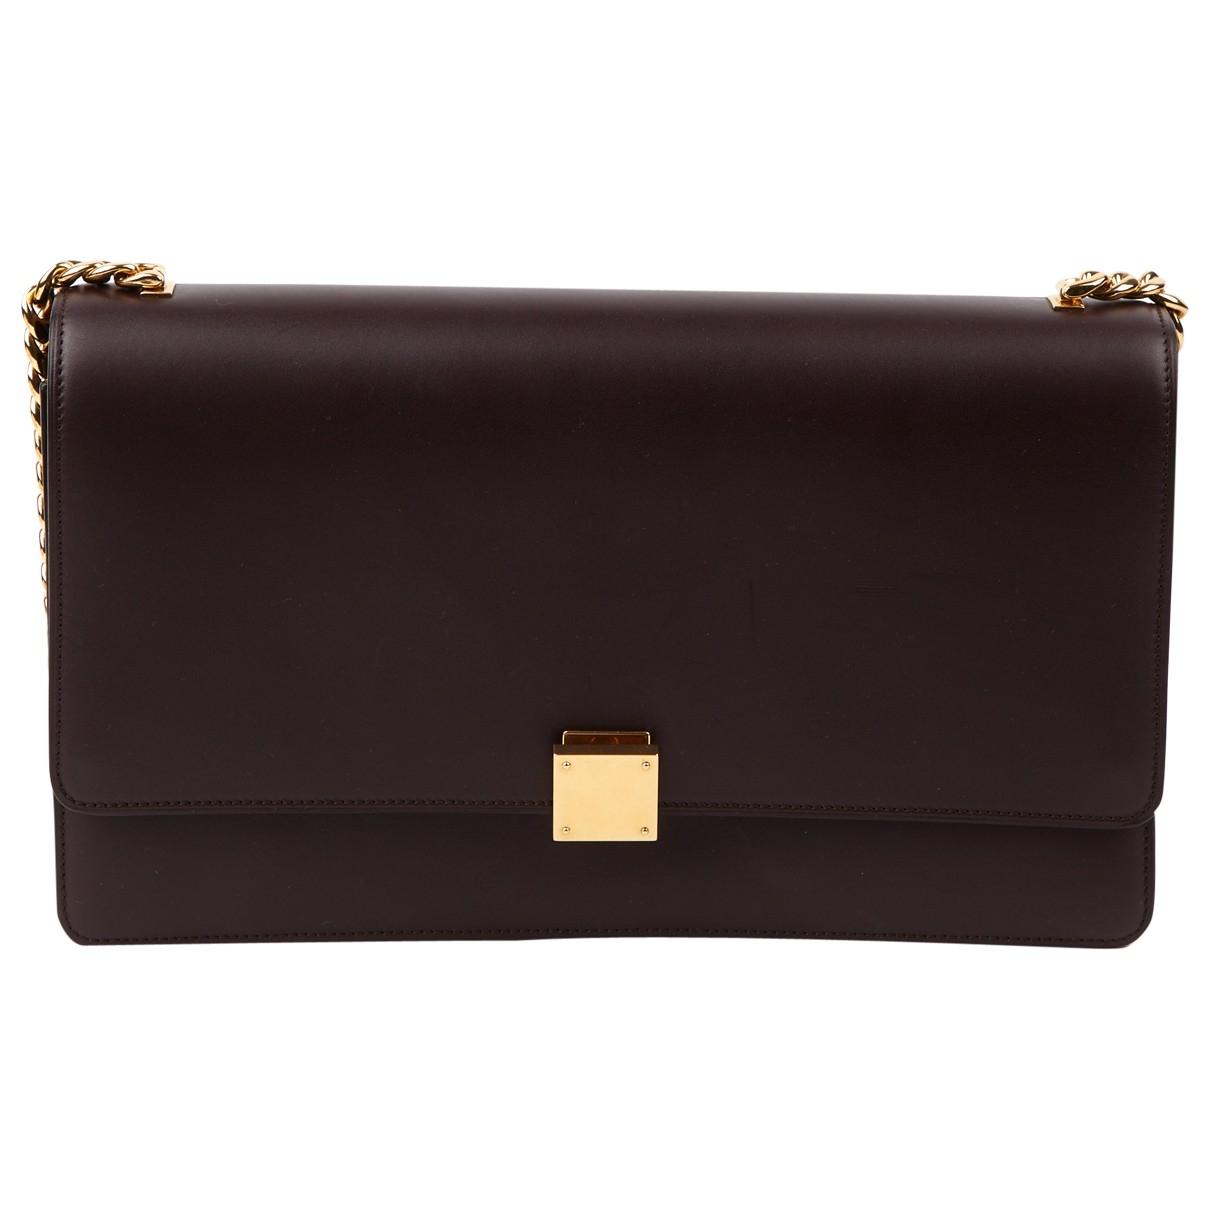 Celine Classic Handtasche in  Bordeauxrot Leder